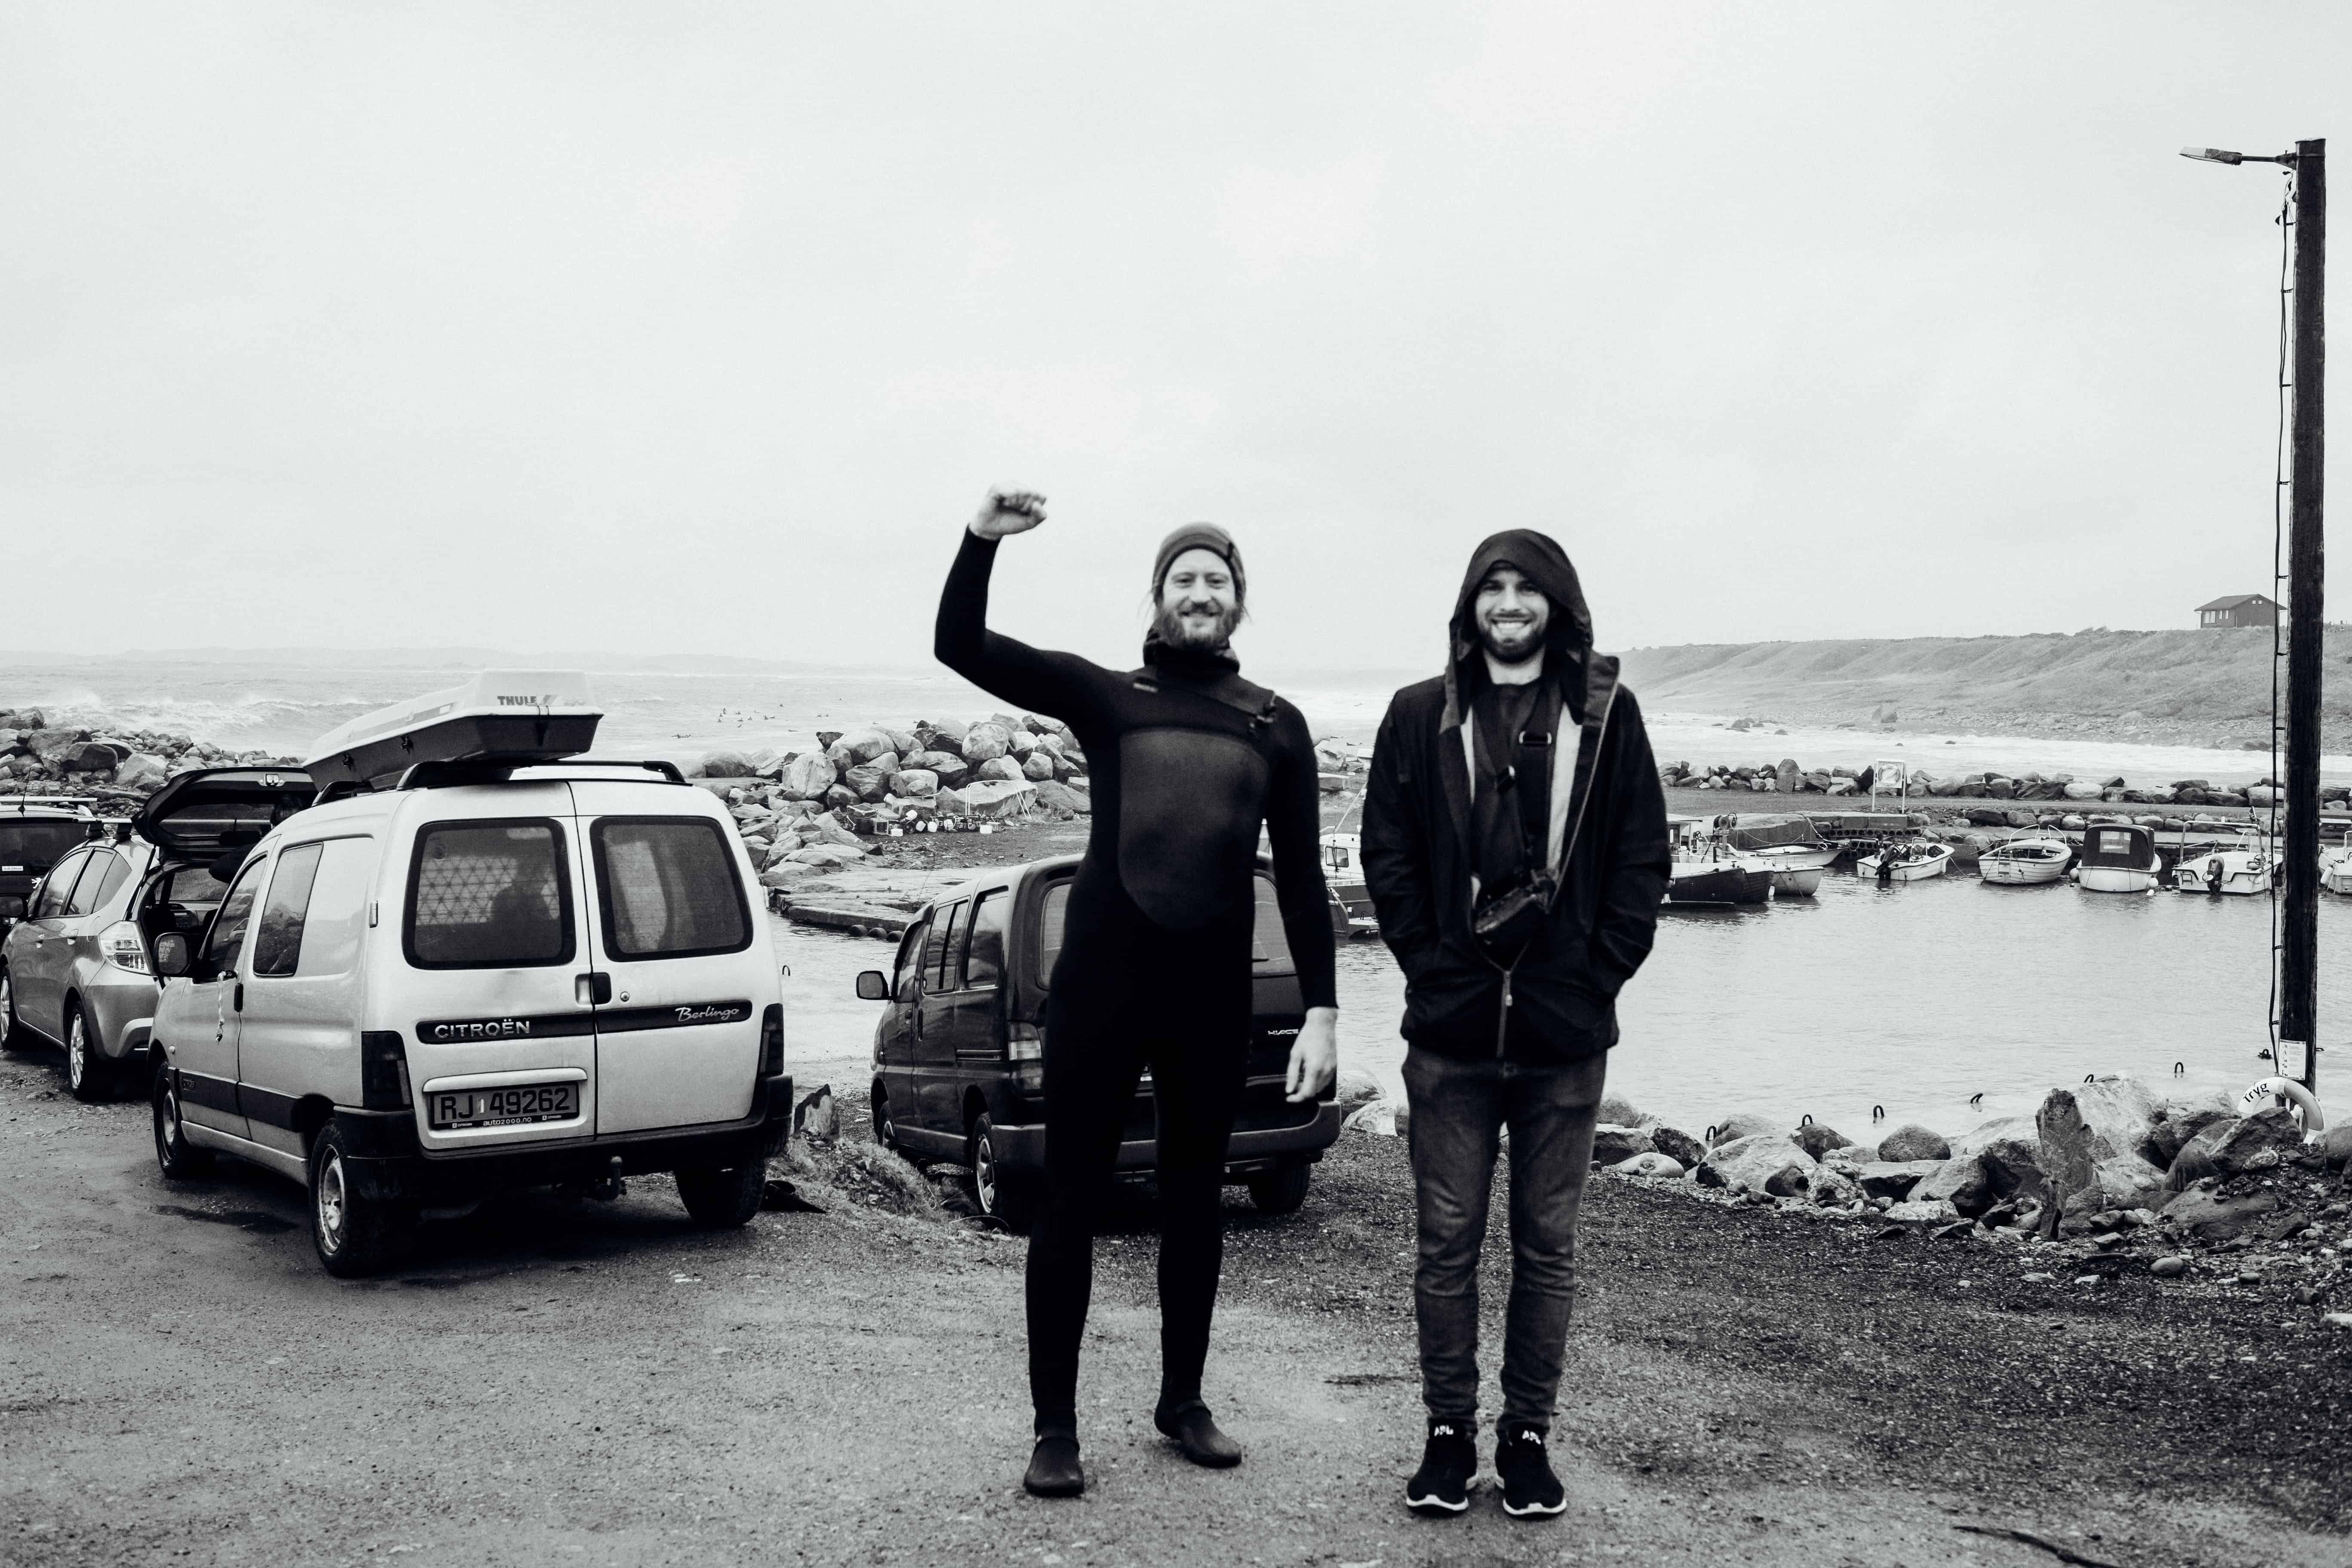 Surf og foto i sjøen med Hallvard Kolltveit og Ivar Vasstveit